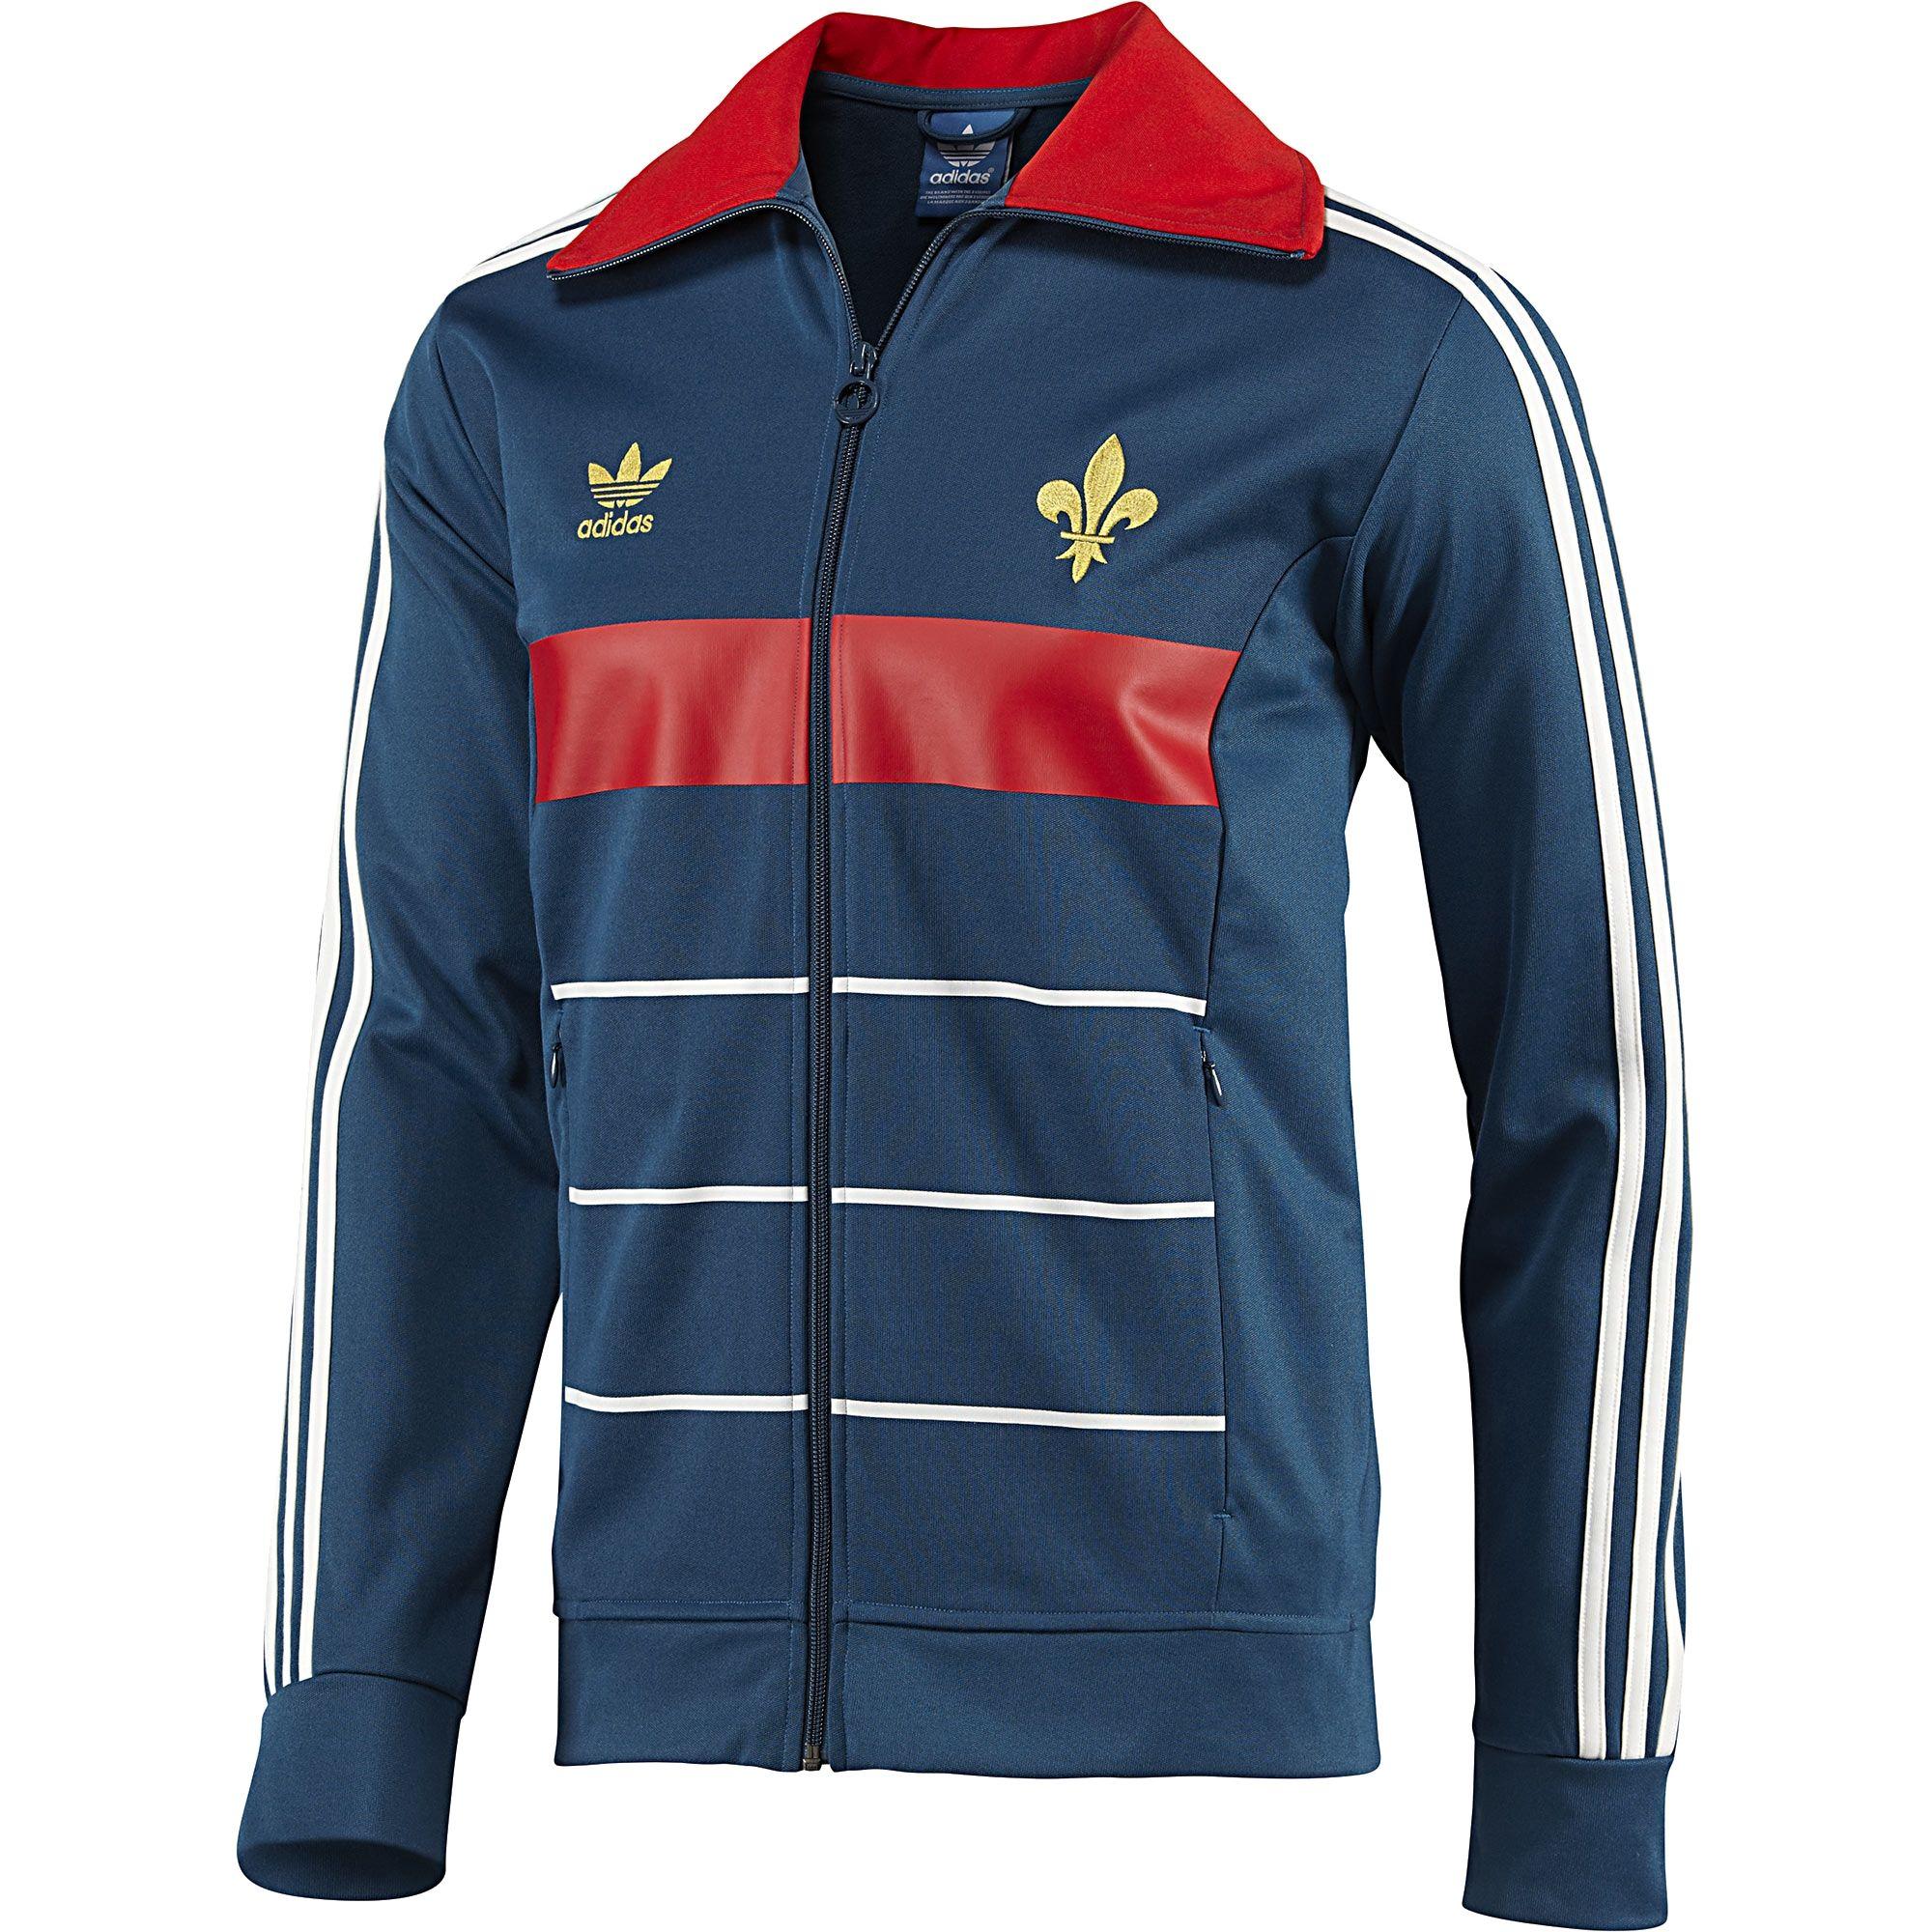 adidas Fransa Track Top Ceket | Adidas, Erkek giysileri